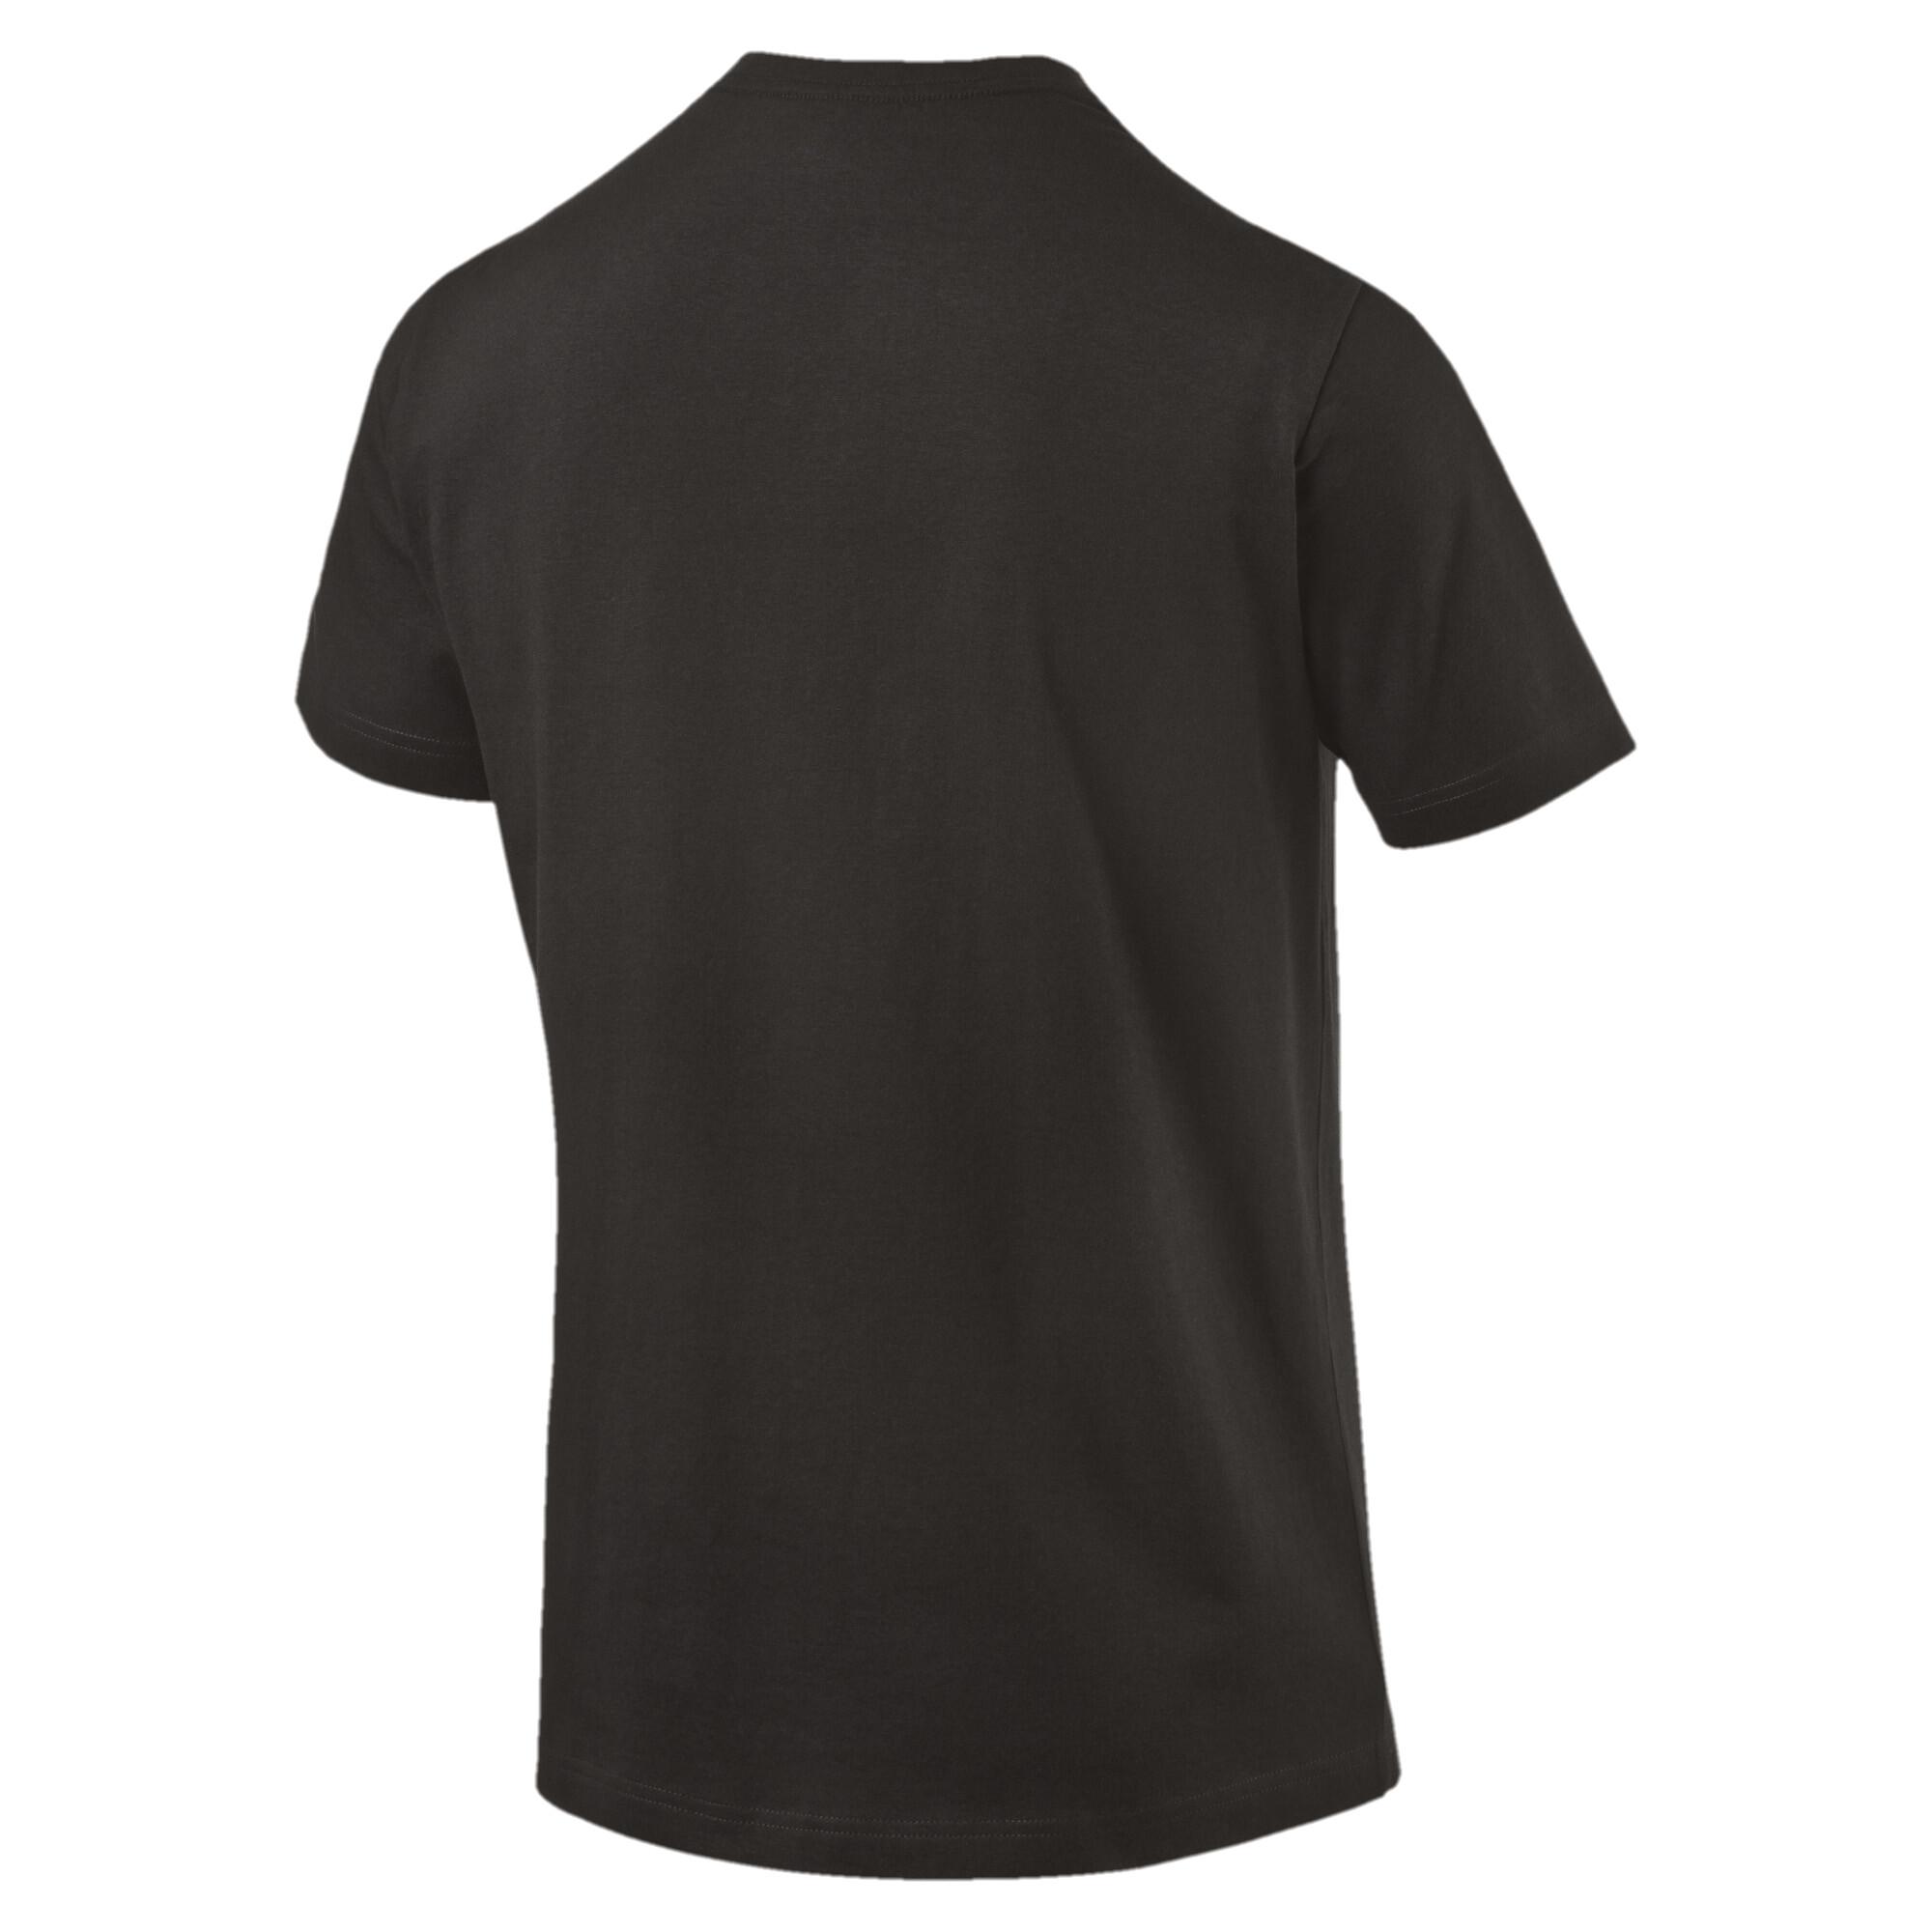 PUMA-Iconic-V-Neck-T-Shirt-Men-Tee-Basics thumbnail 13